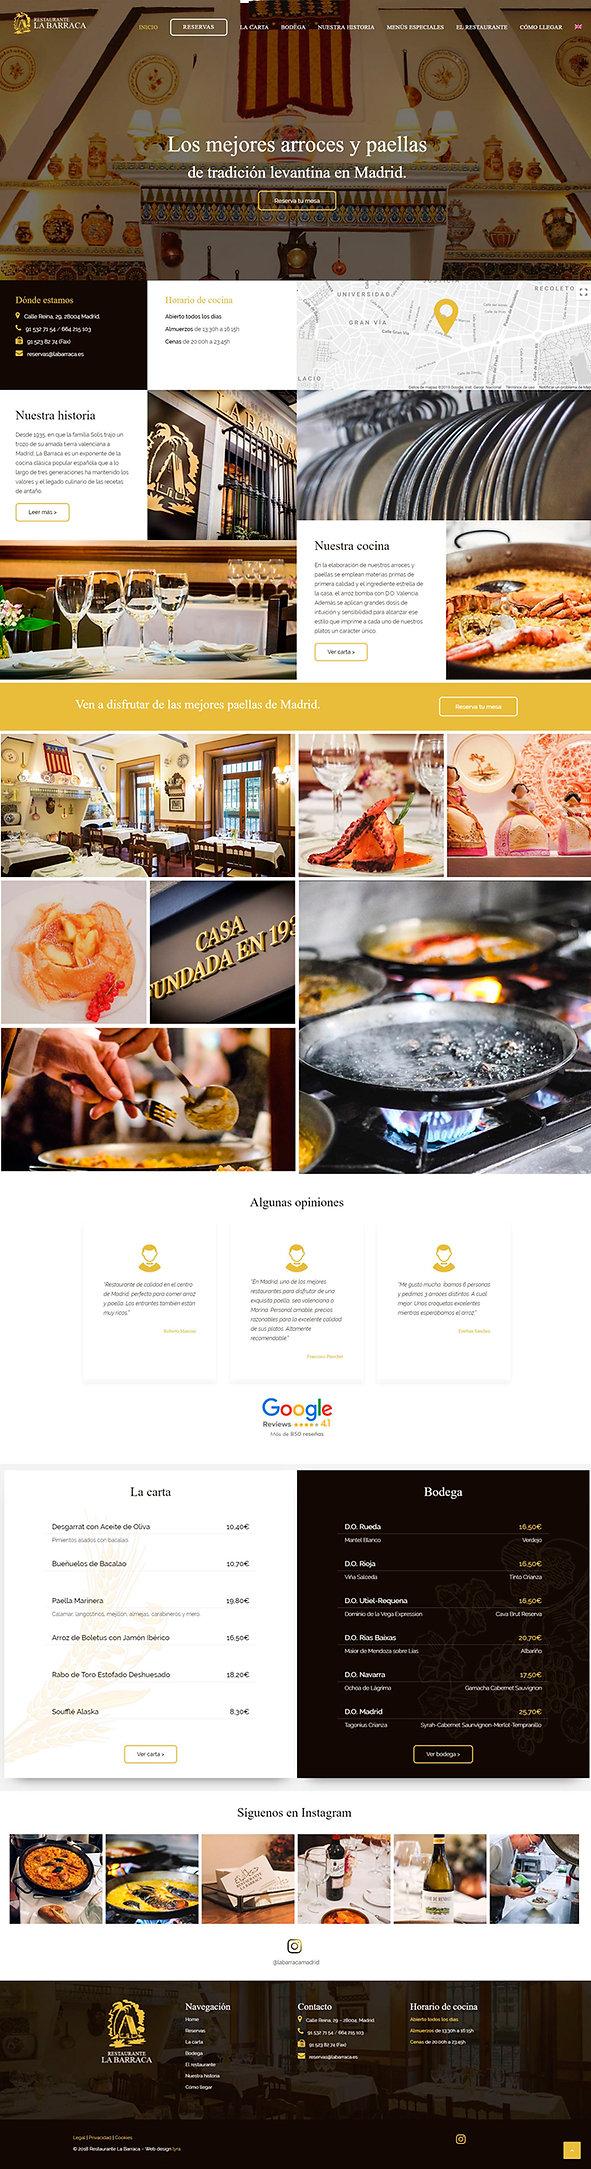 lyra-pag-web-inicial-la-barraca-restaurante